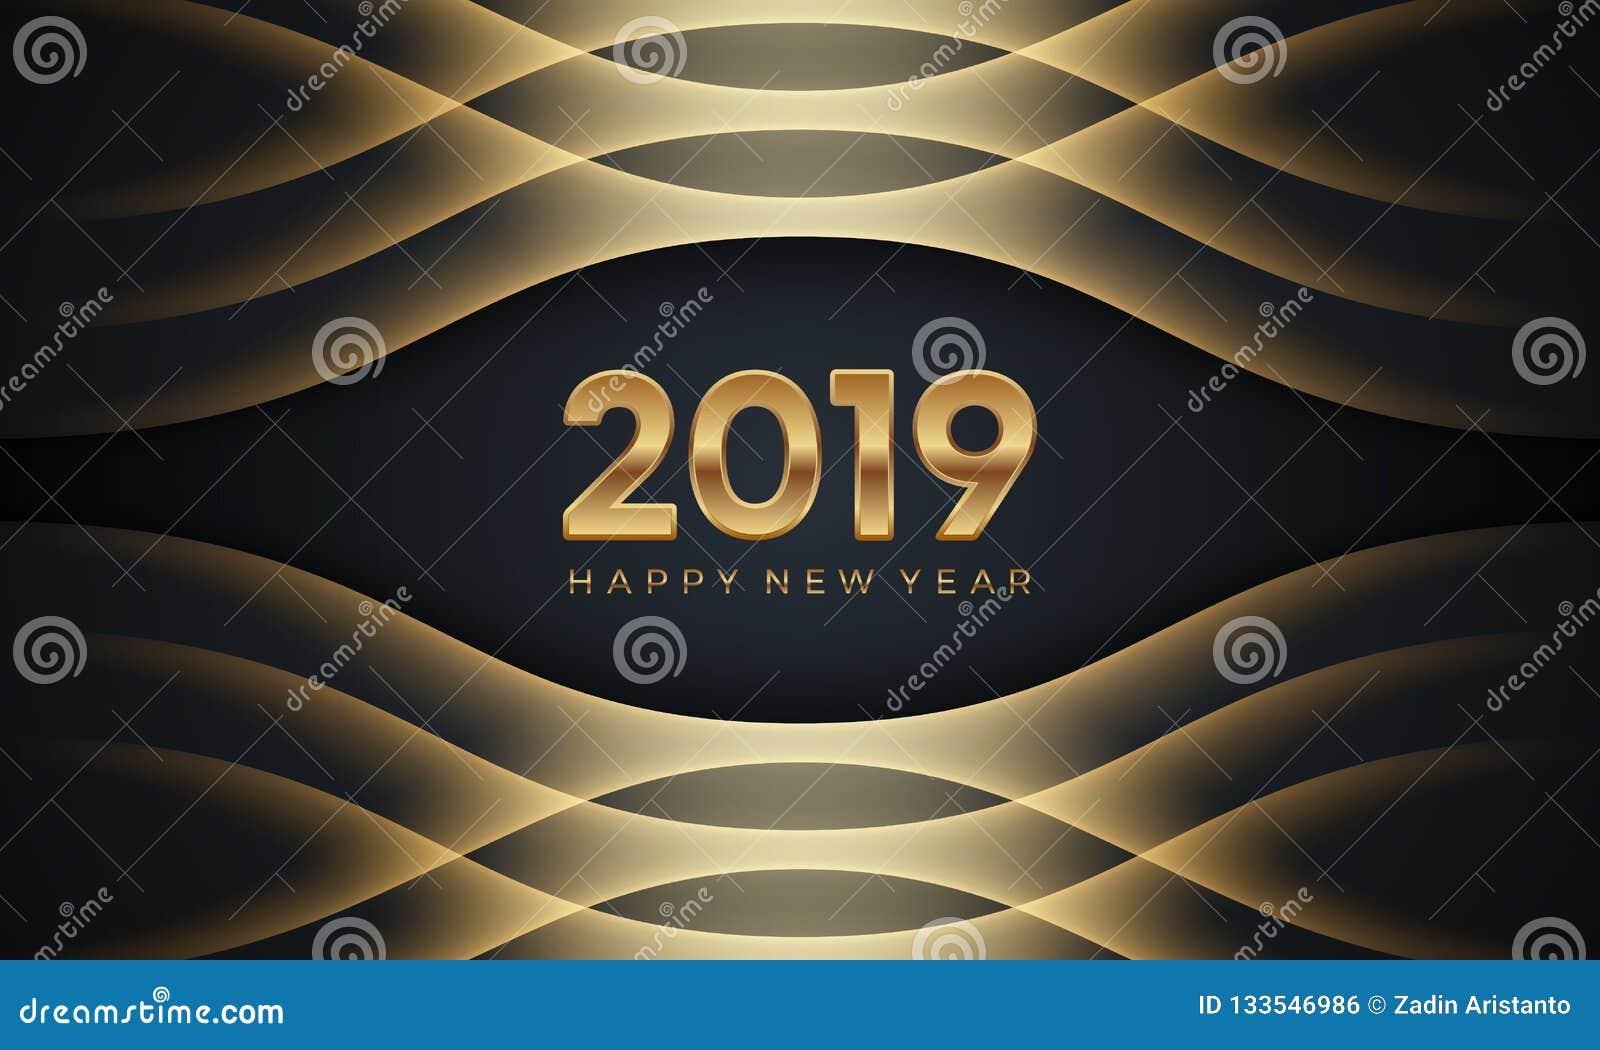 Ano novo feliz 2019 Ilustração abstrata luxuosa criativa do vetor com números dourados no fundo escuro